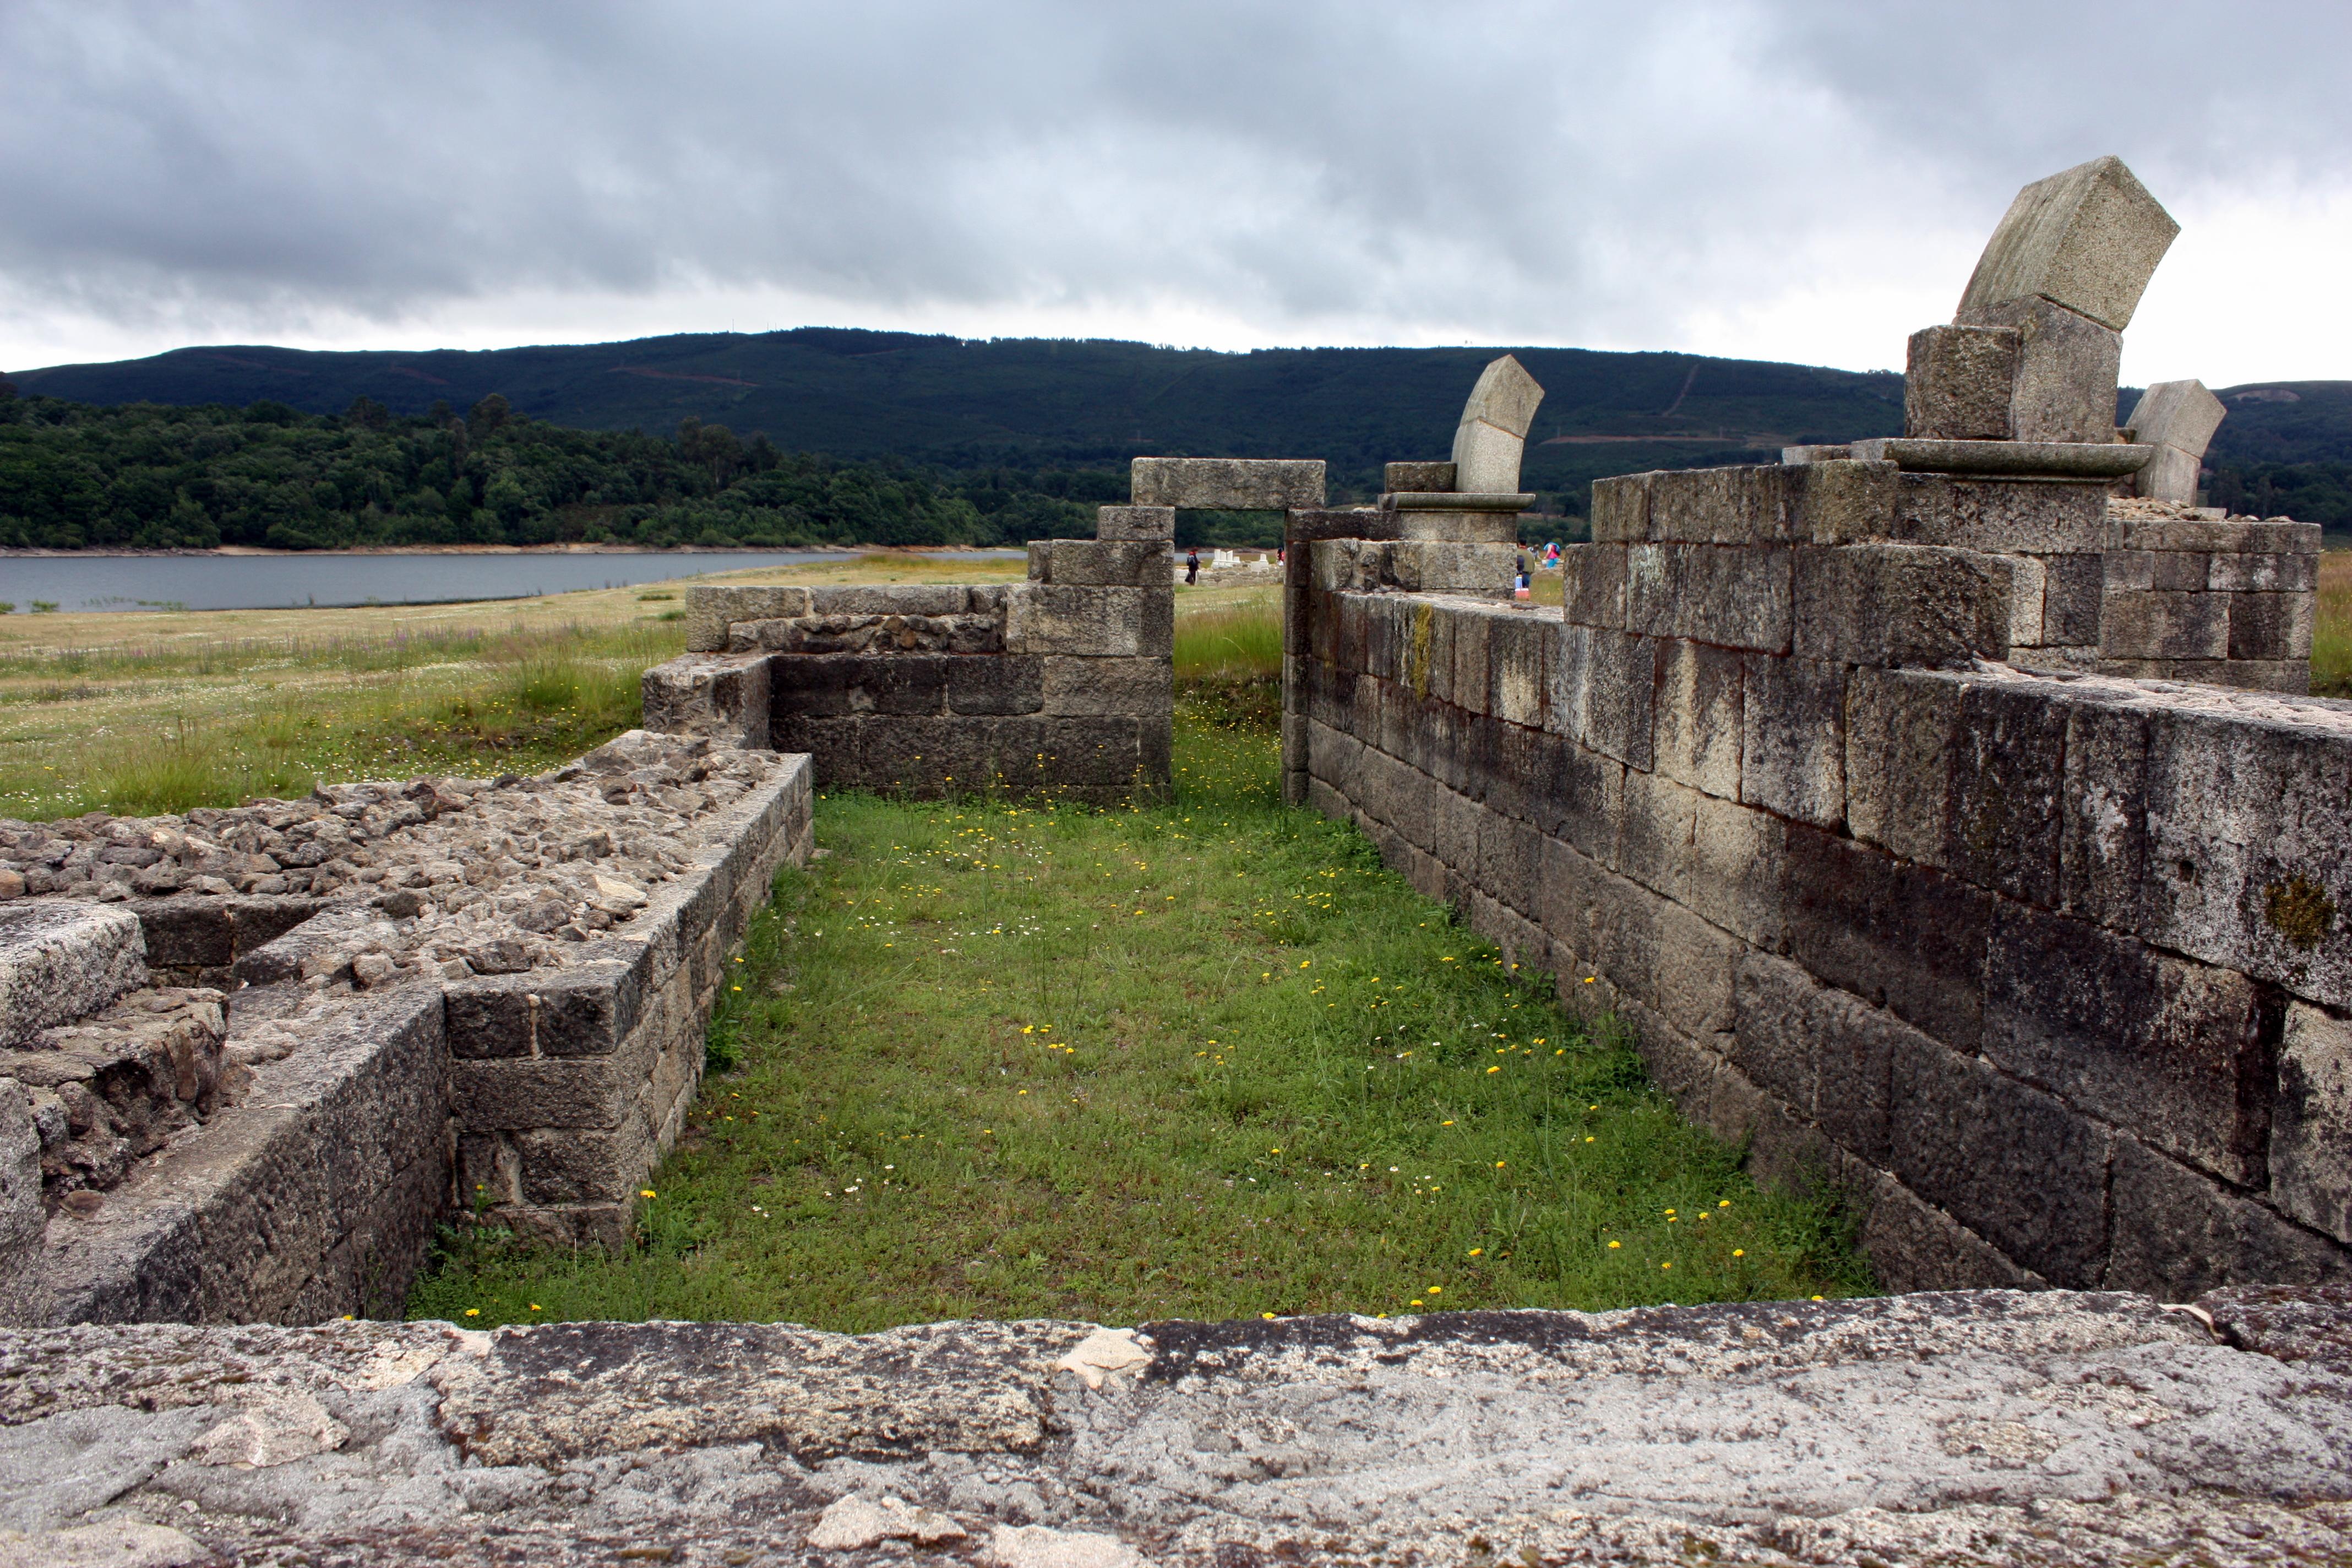 File:Roman Camp Aquis Querquennis, Baños De Bande, Ourense, Galicia 10